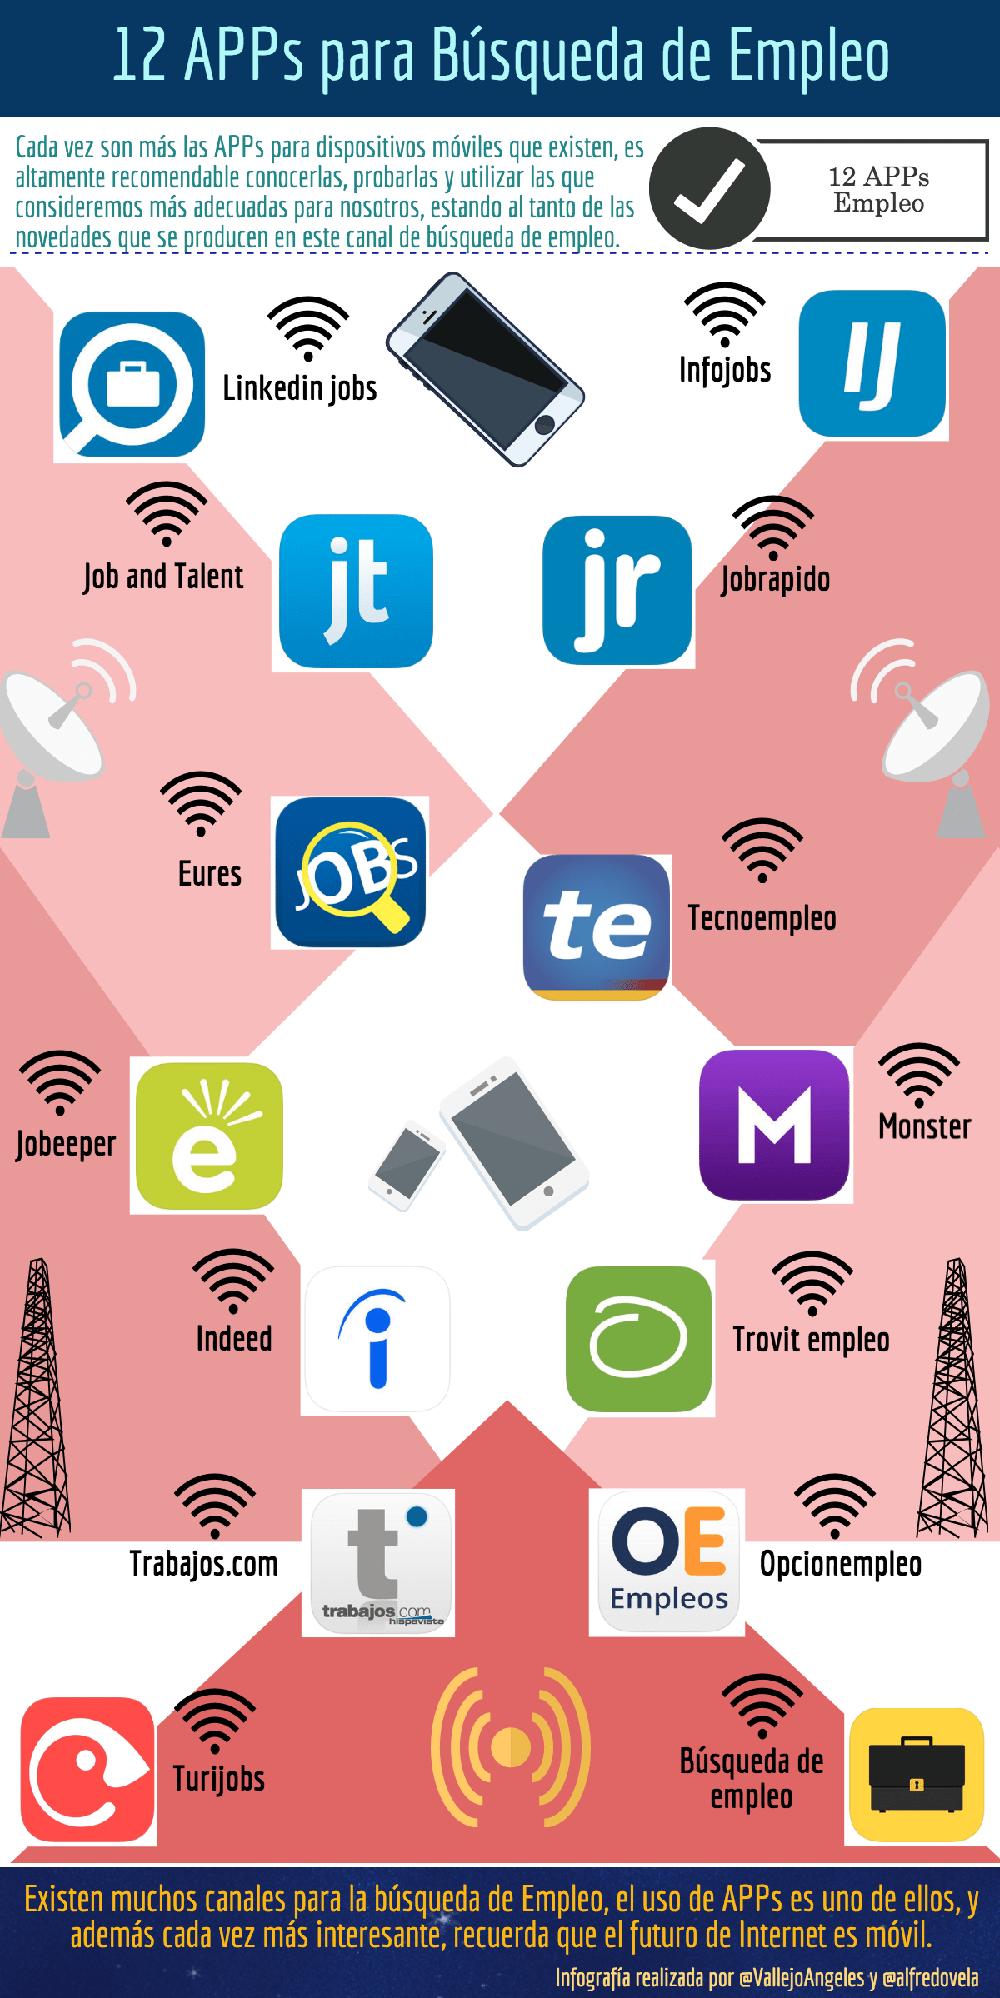 Infografía: 12 APPs para la búsqueda de empleo